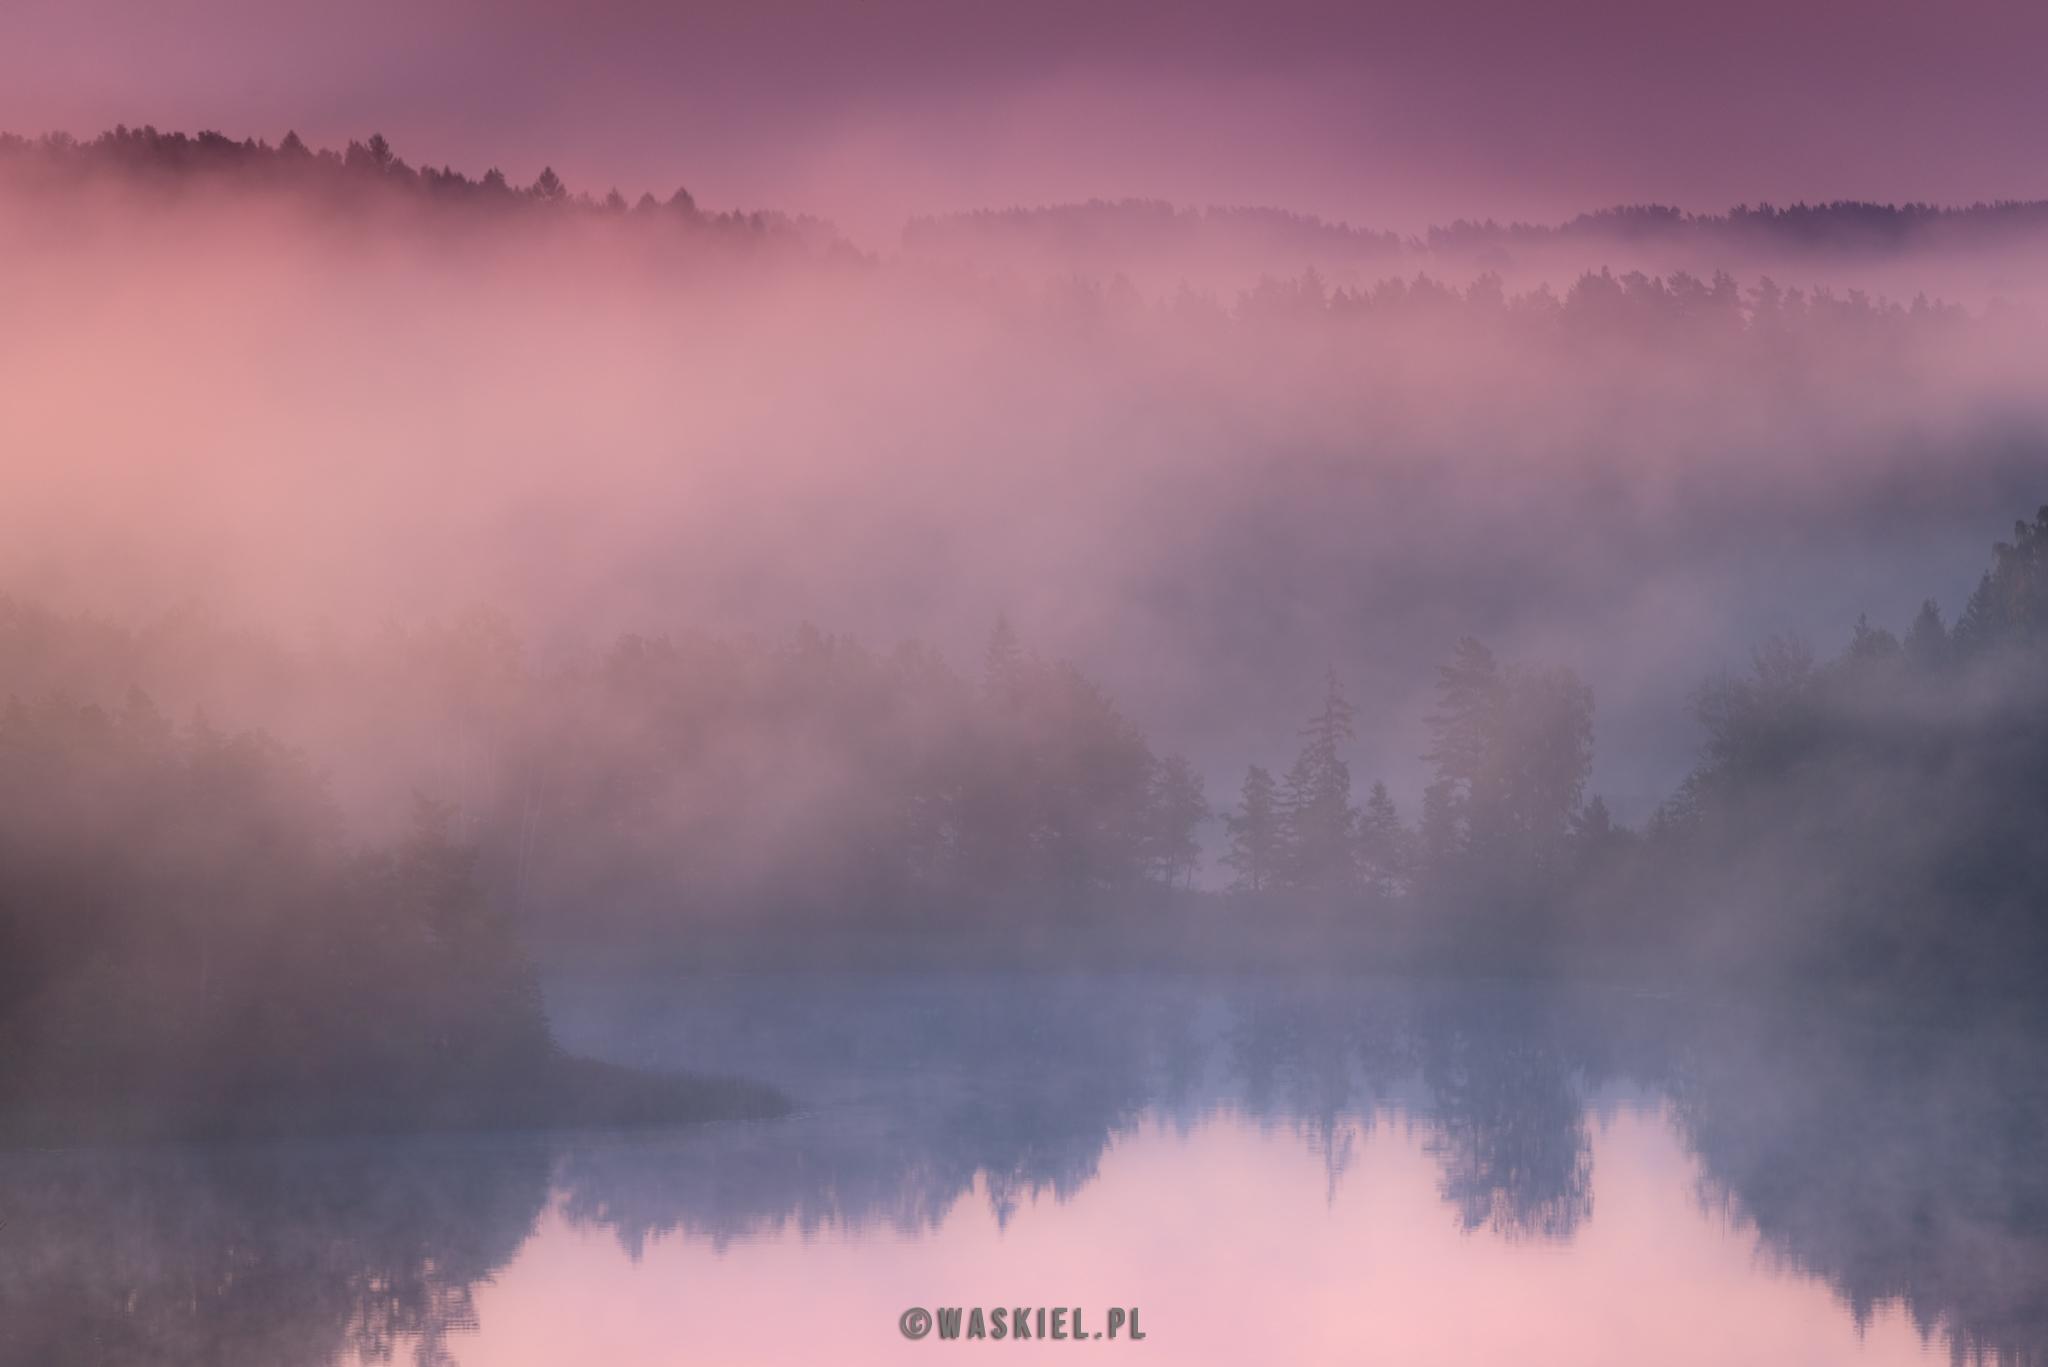 Zdjęcie przedstawiające wykorzystanie filtrów w fotografii krajobrazowej.